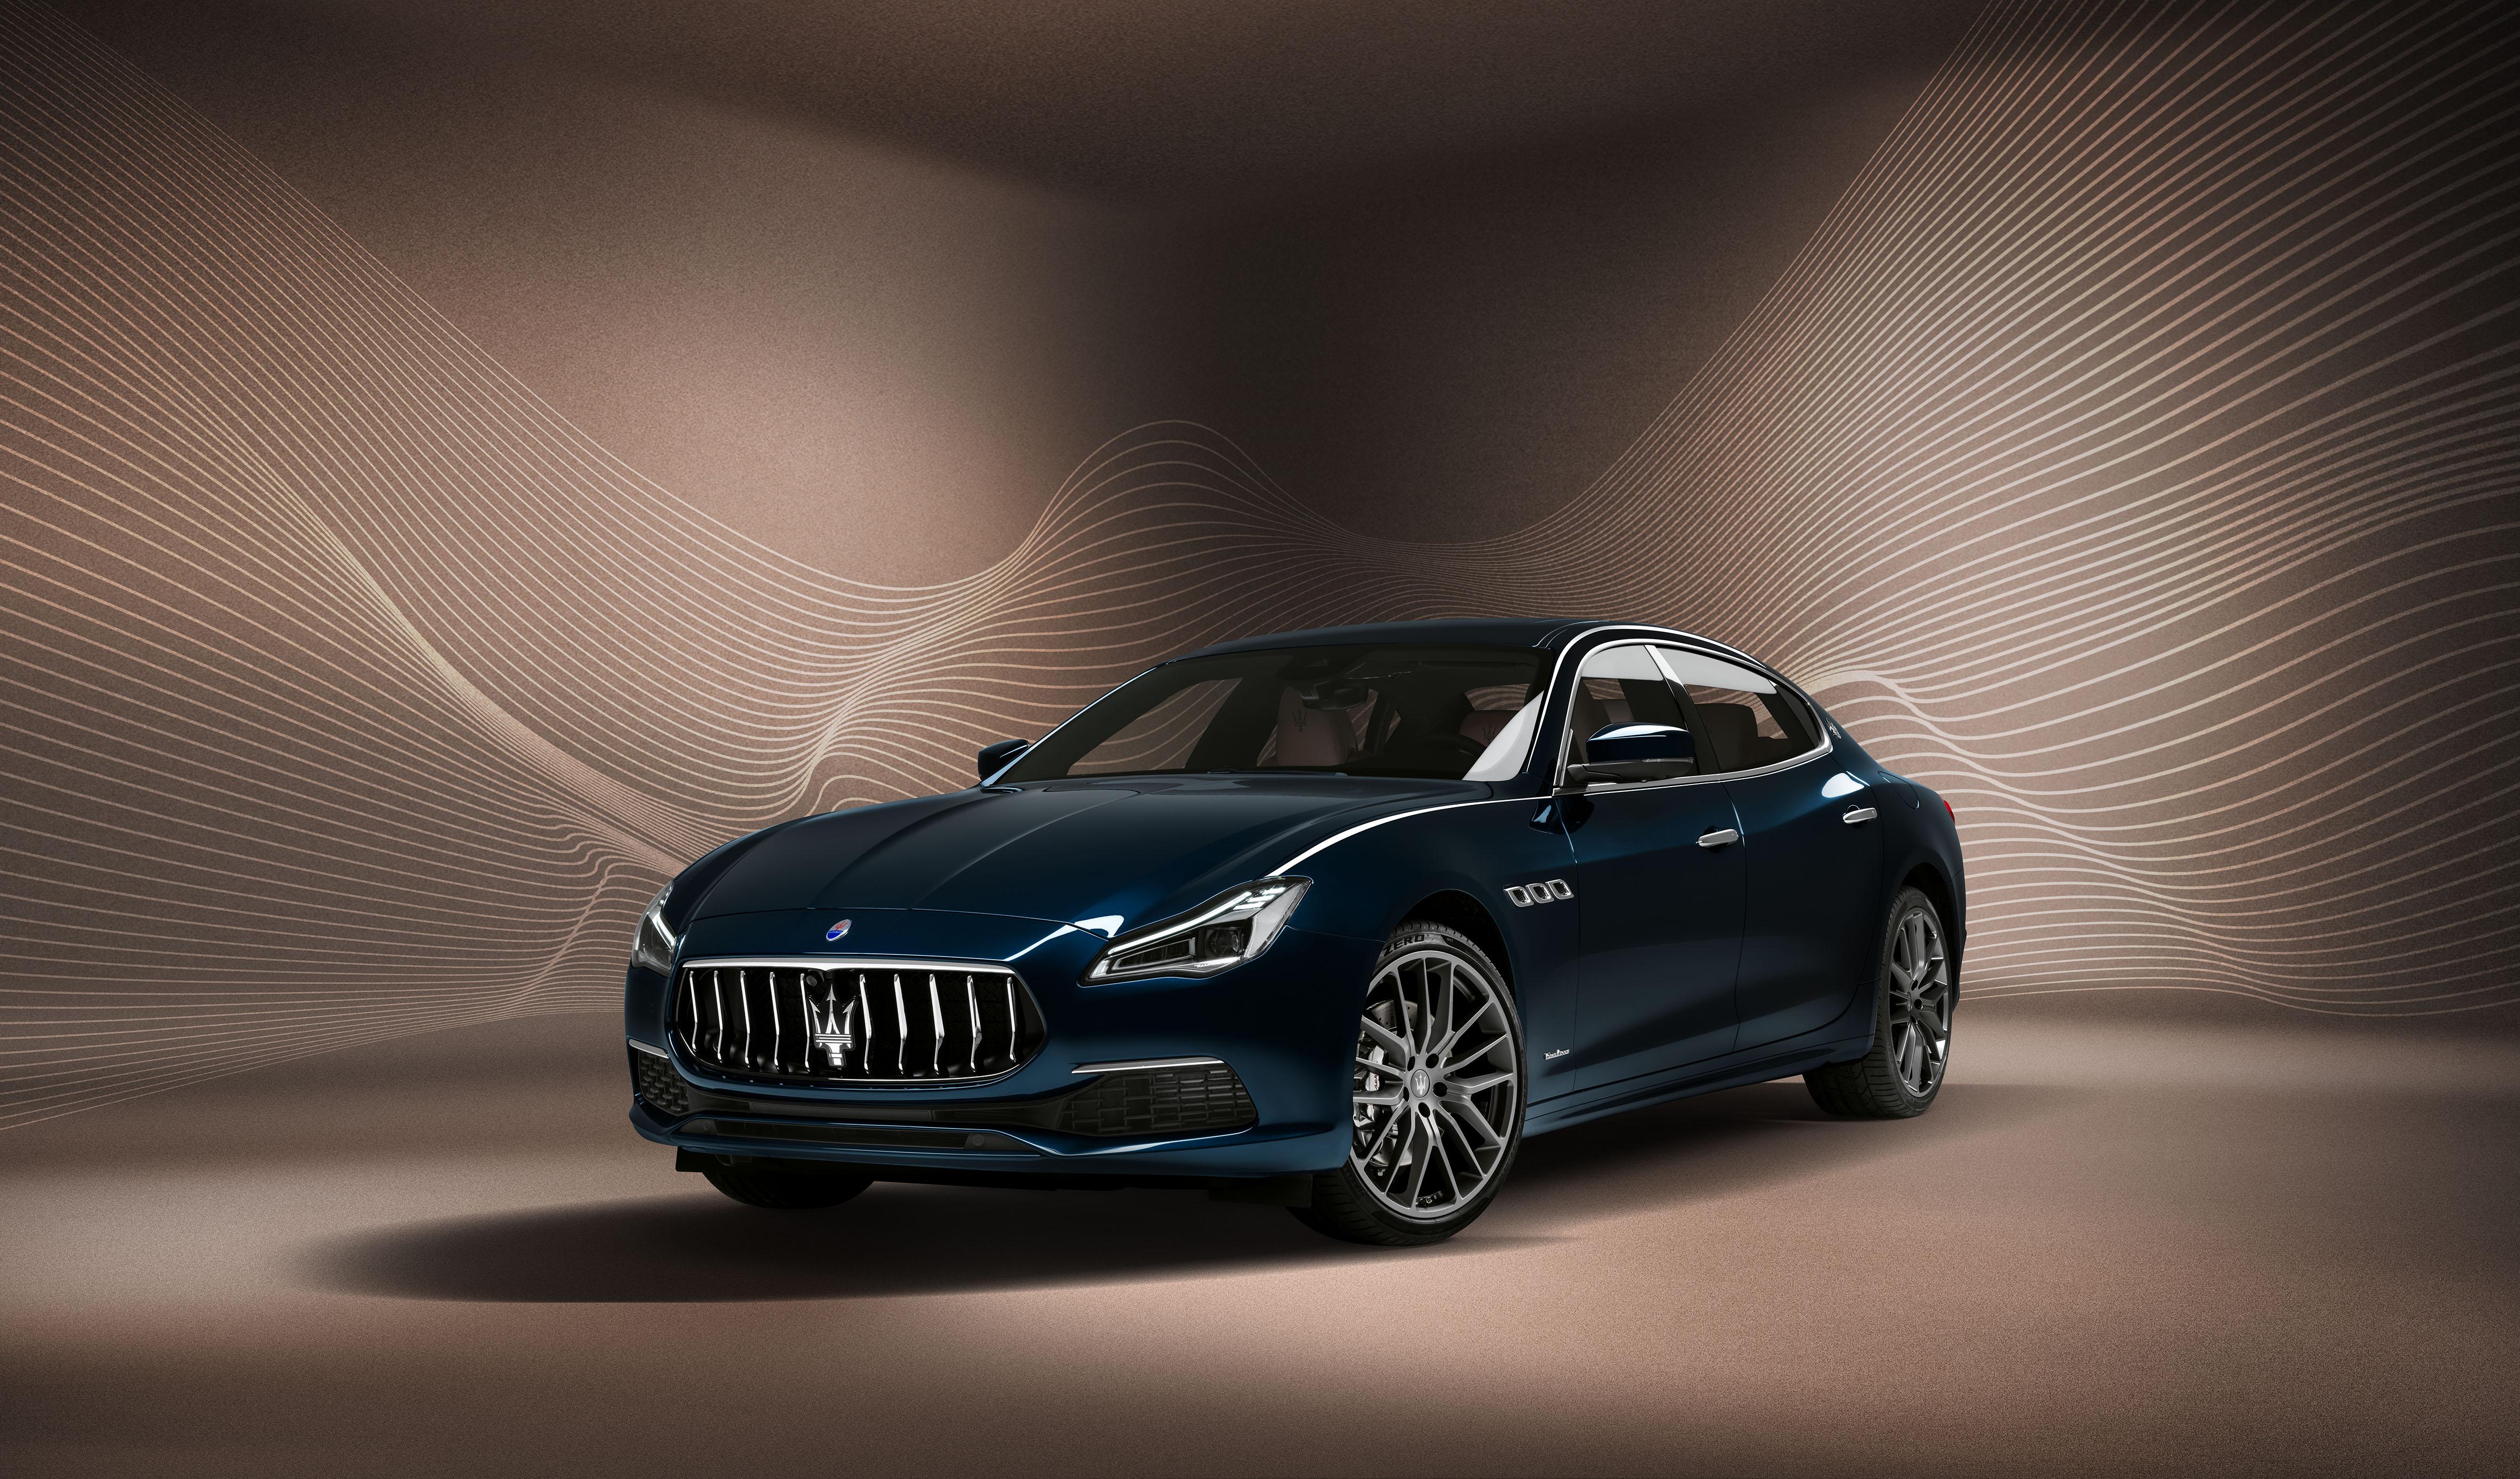 Maserati Quattroporte GranLusso Royale M156 2020 4731x2777